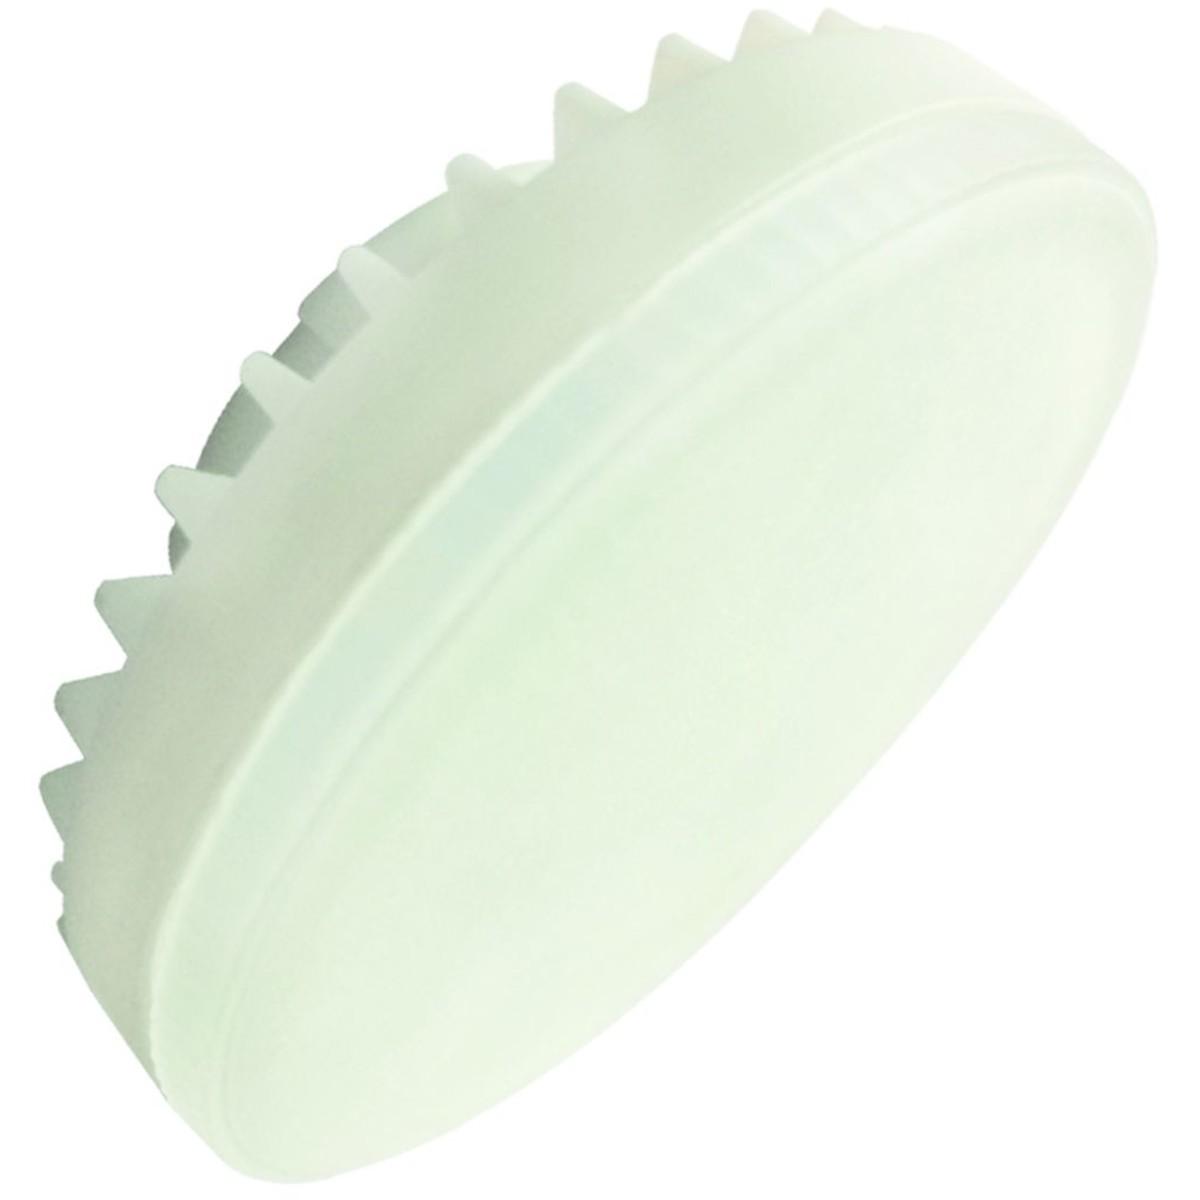 Лампа Ecola Premium GX53 10 Вт таблетка 800 Лм нейтральный 10 шт